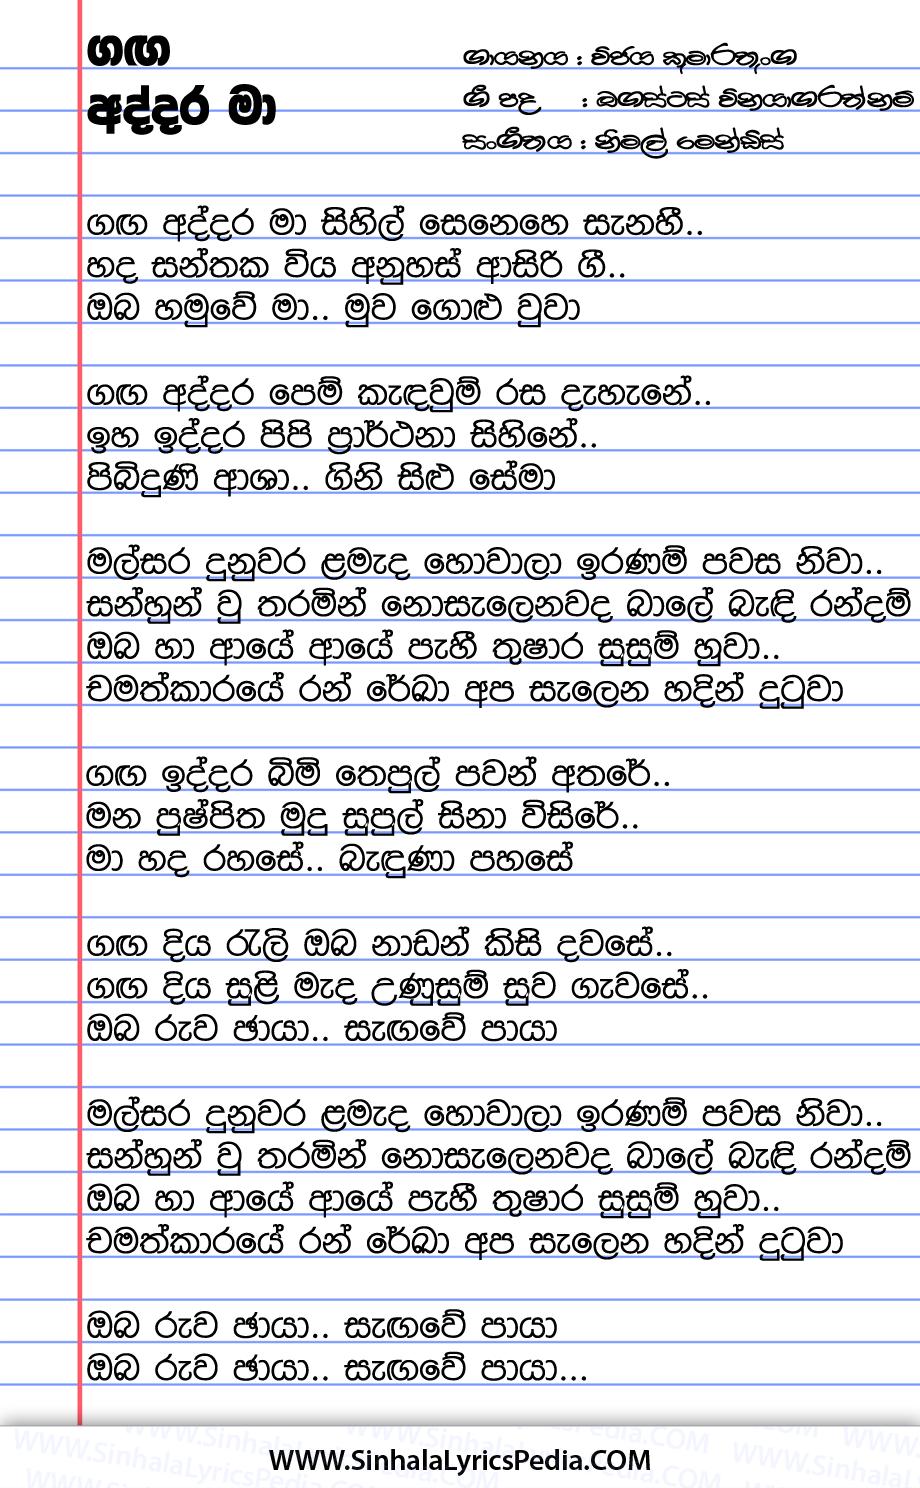 Ganga Addara Ma Sihil Senehe Sanahee Song Lyrics